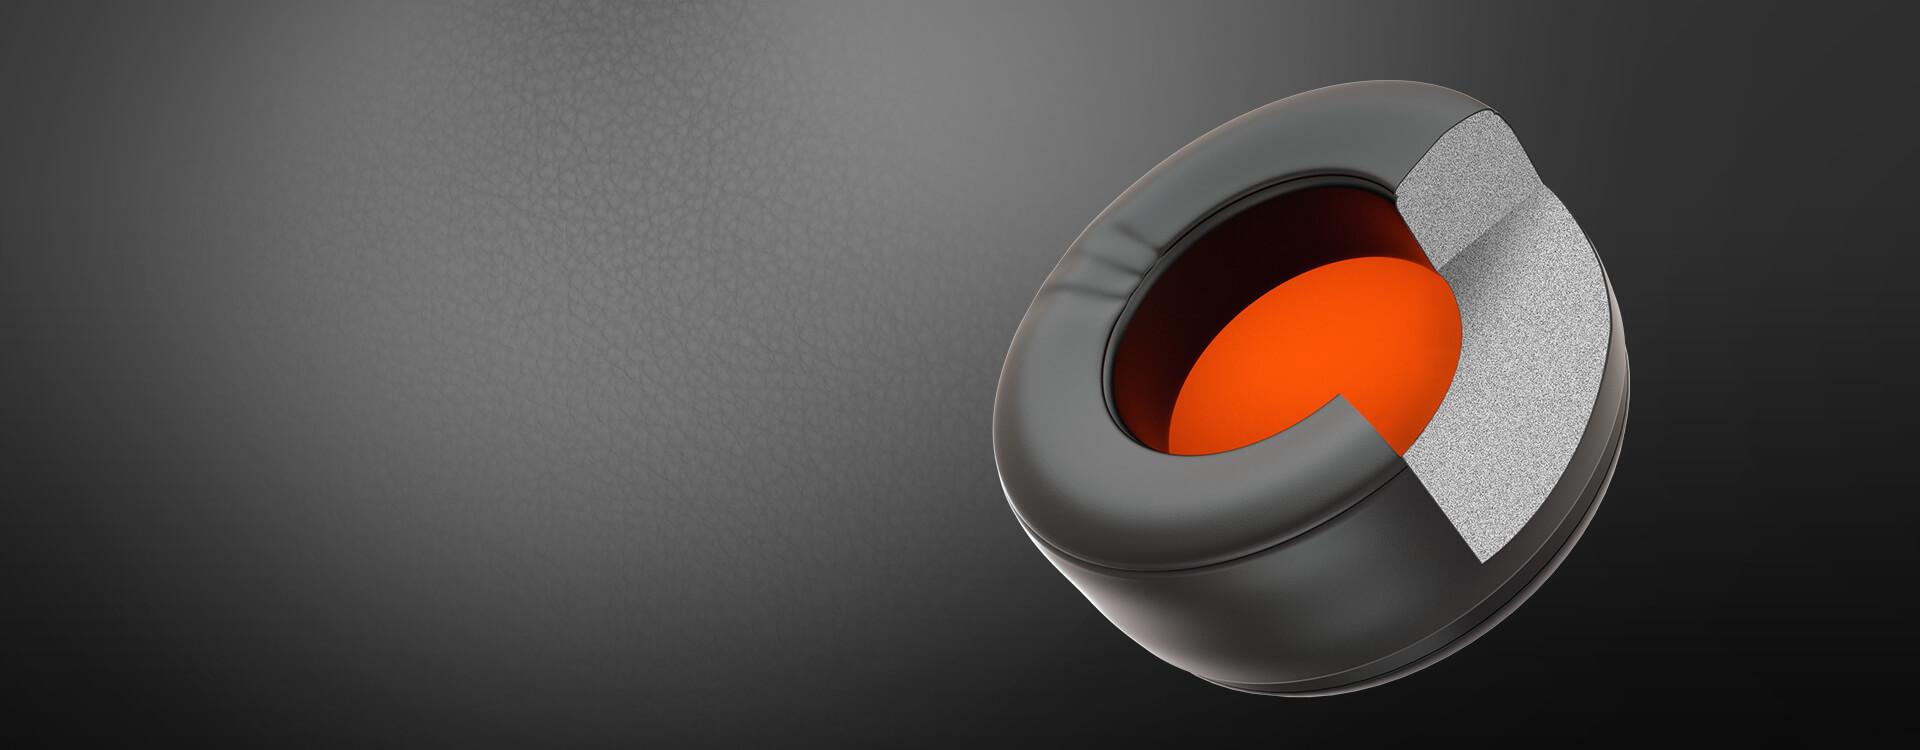 Tai nghe Cougar Immersa Pro Ti RGB - 7.1 Virtual Surround sử dụng đệm tai da dày cho khả năng cách âm tốt